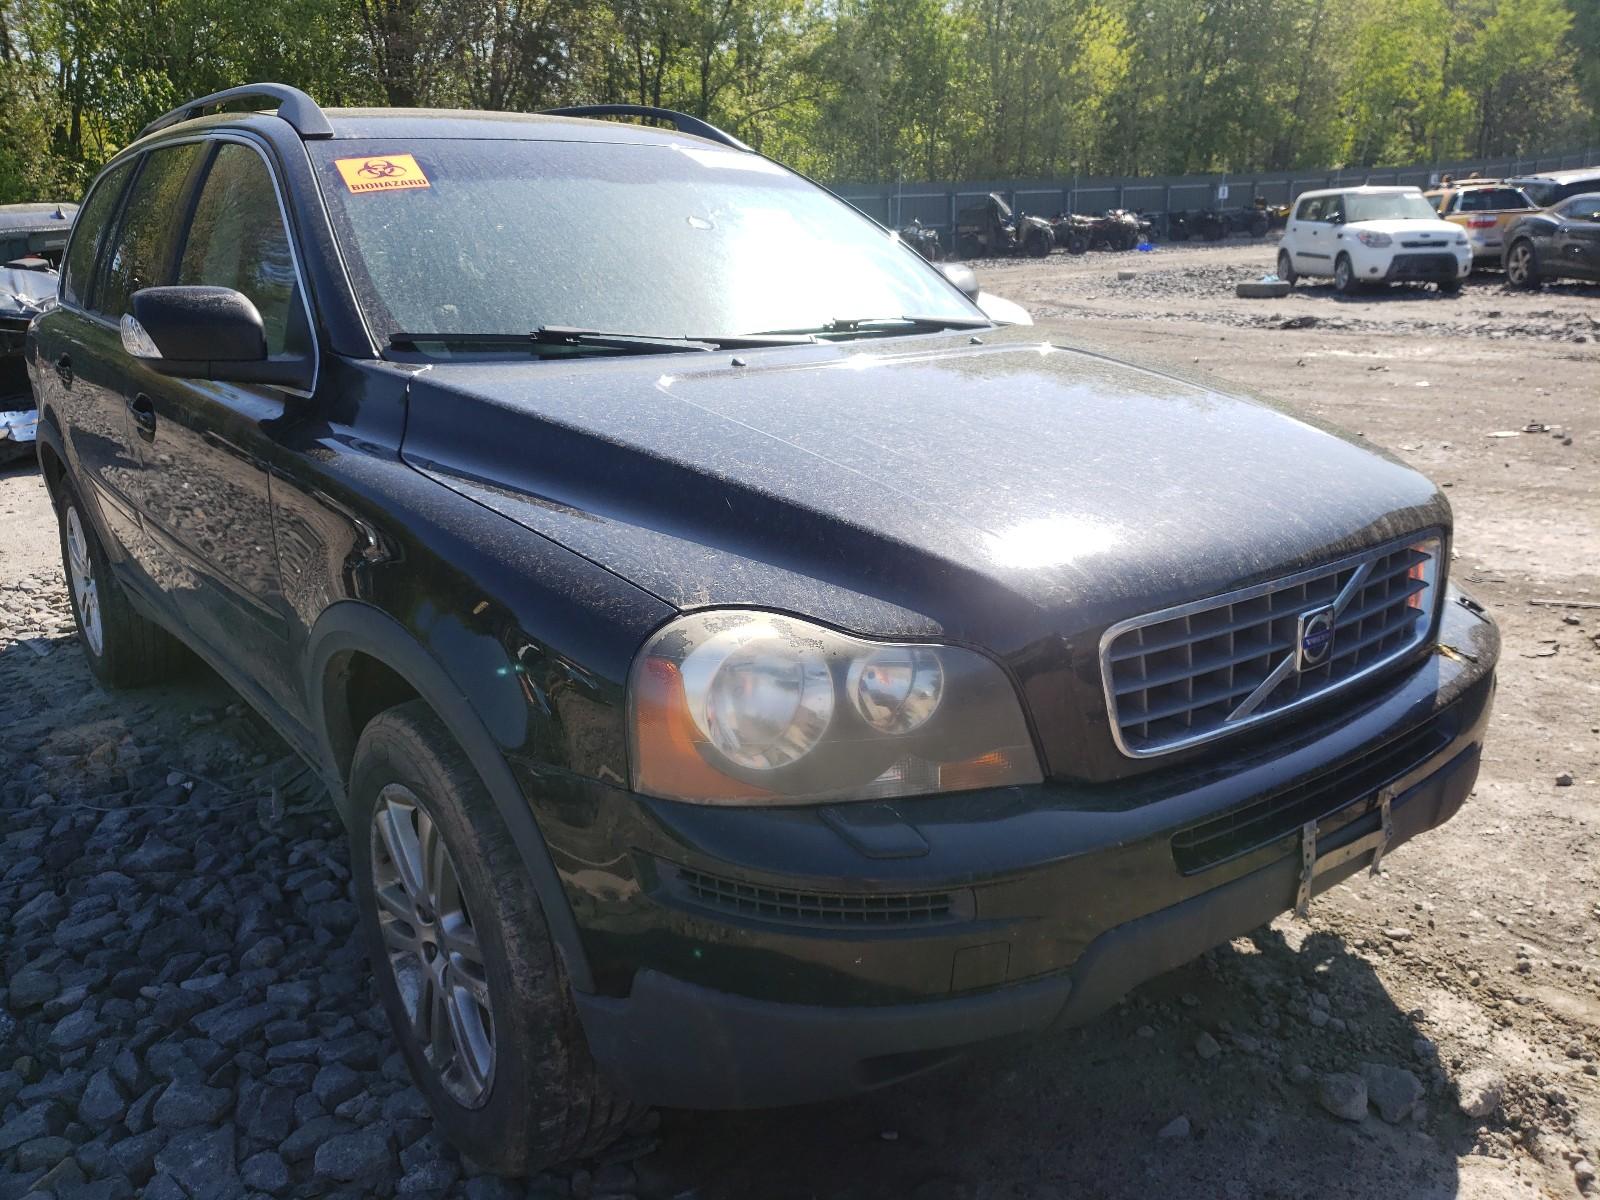 2009 VOLVO XC90 3.2 - YV4CZ982391498714